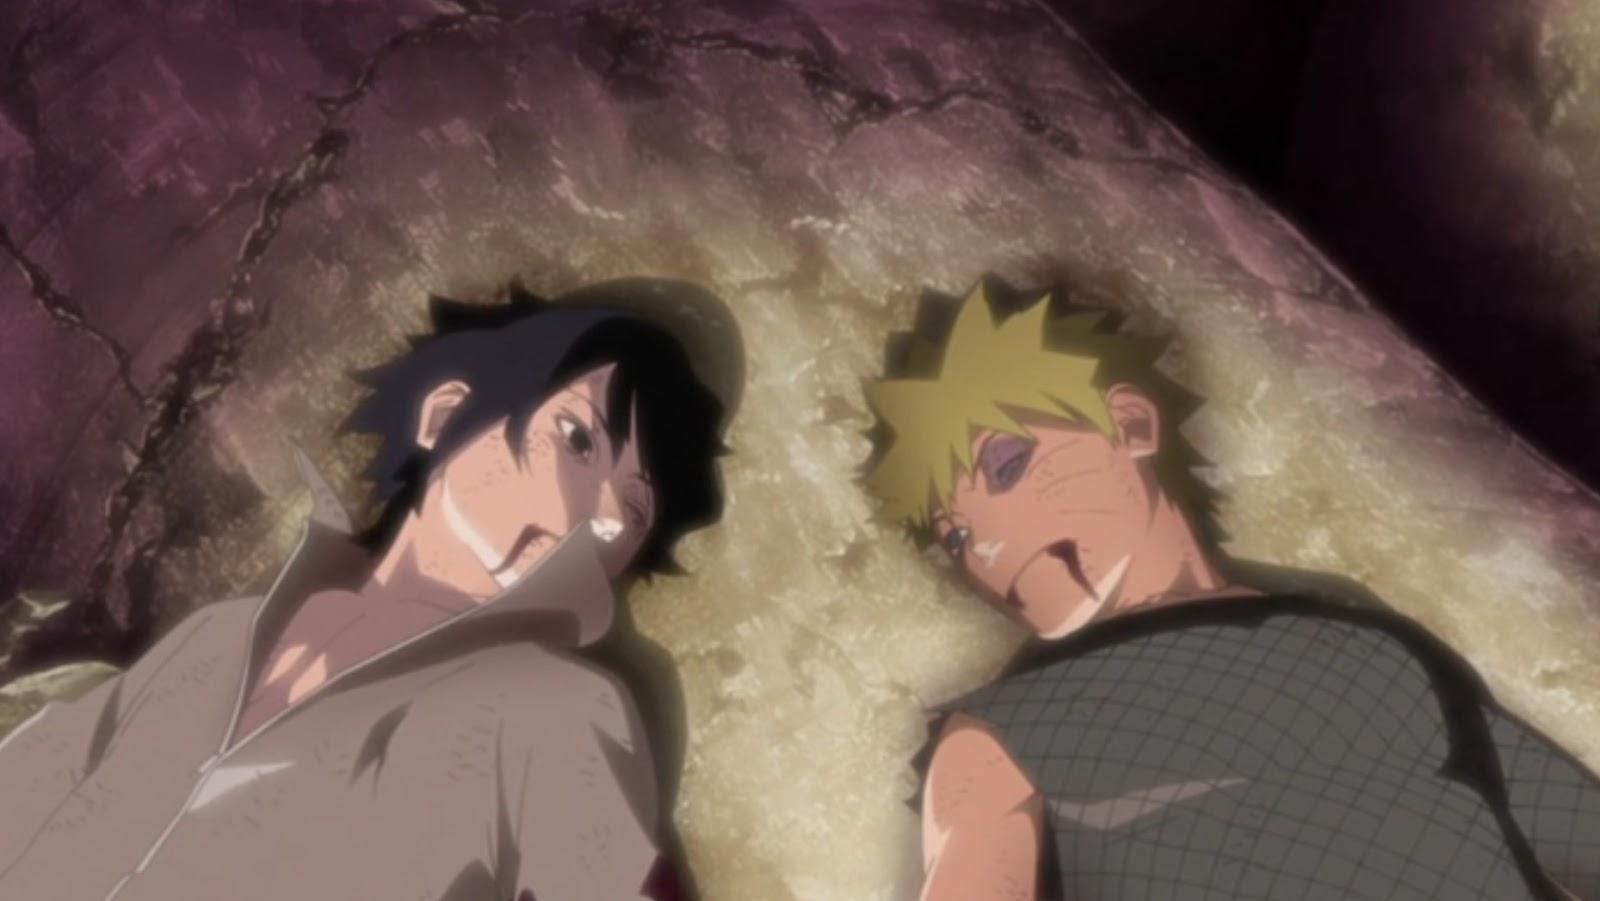 Naruto Shippuden Episódio 478, Assistir Naruto Shippuden Episódio 478, Assistir Naruto Shippuden Todos os Episódios Legendado, Naruto Shippuden episódio 478,HD